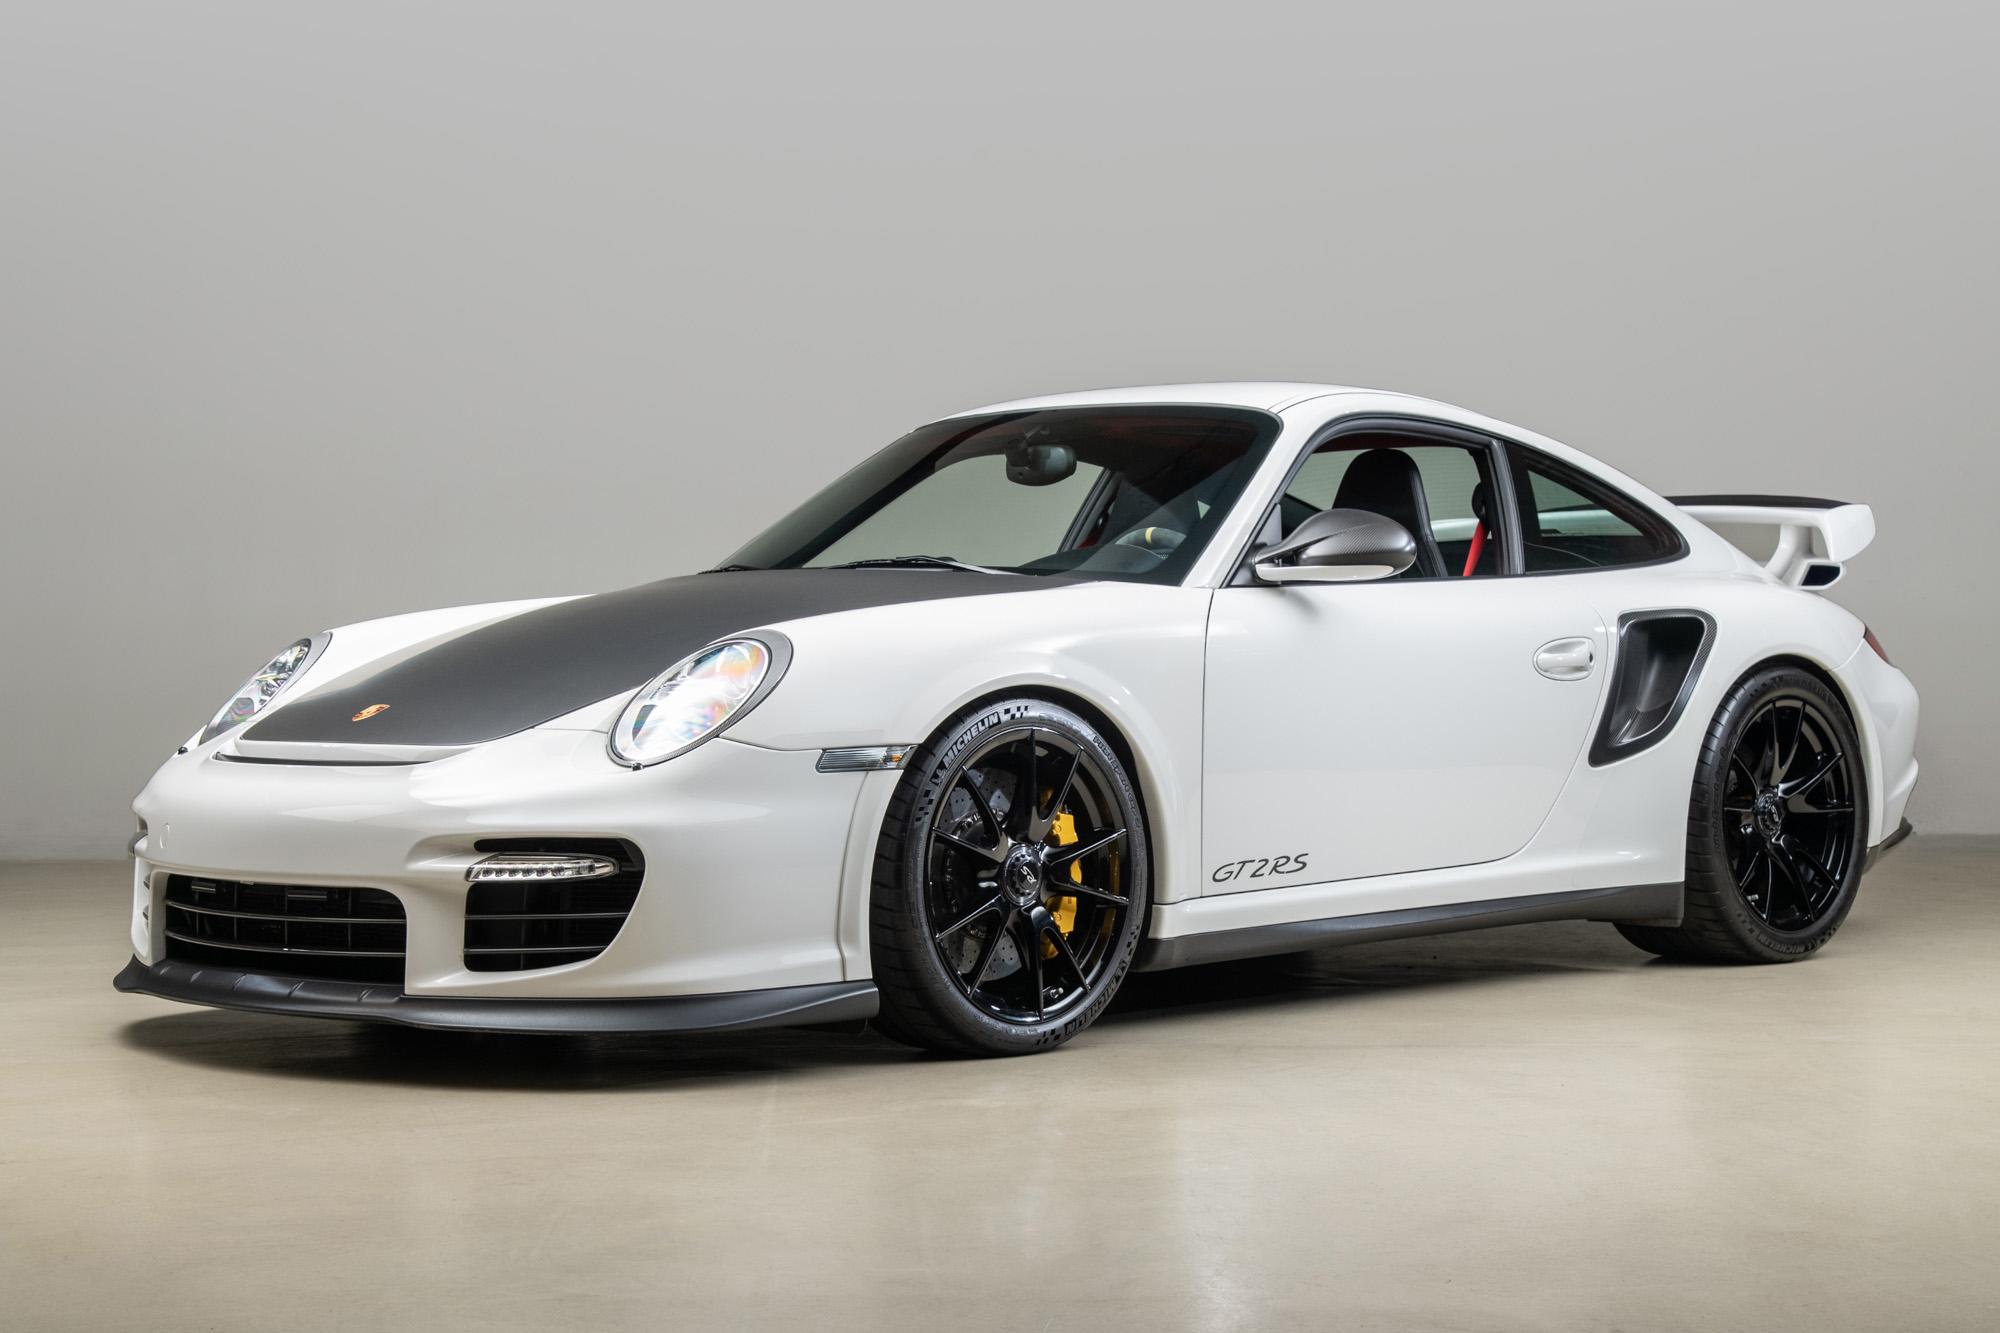 2011 Porsche GT2RS _6516